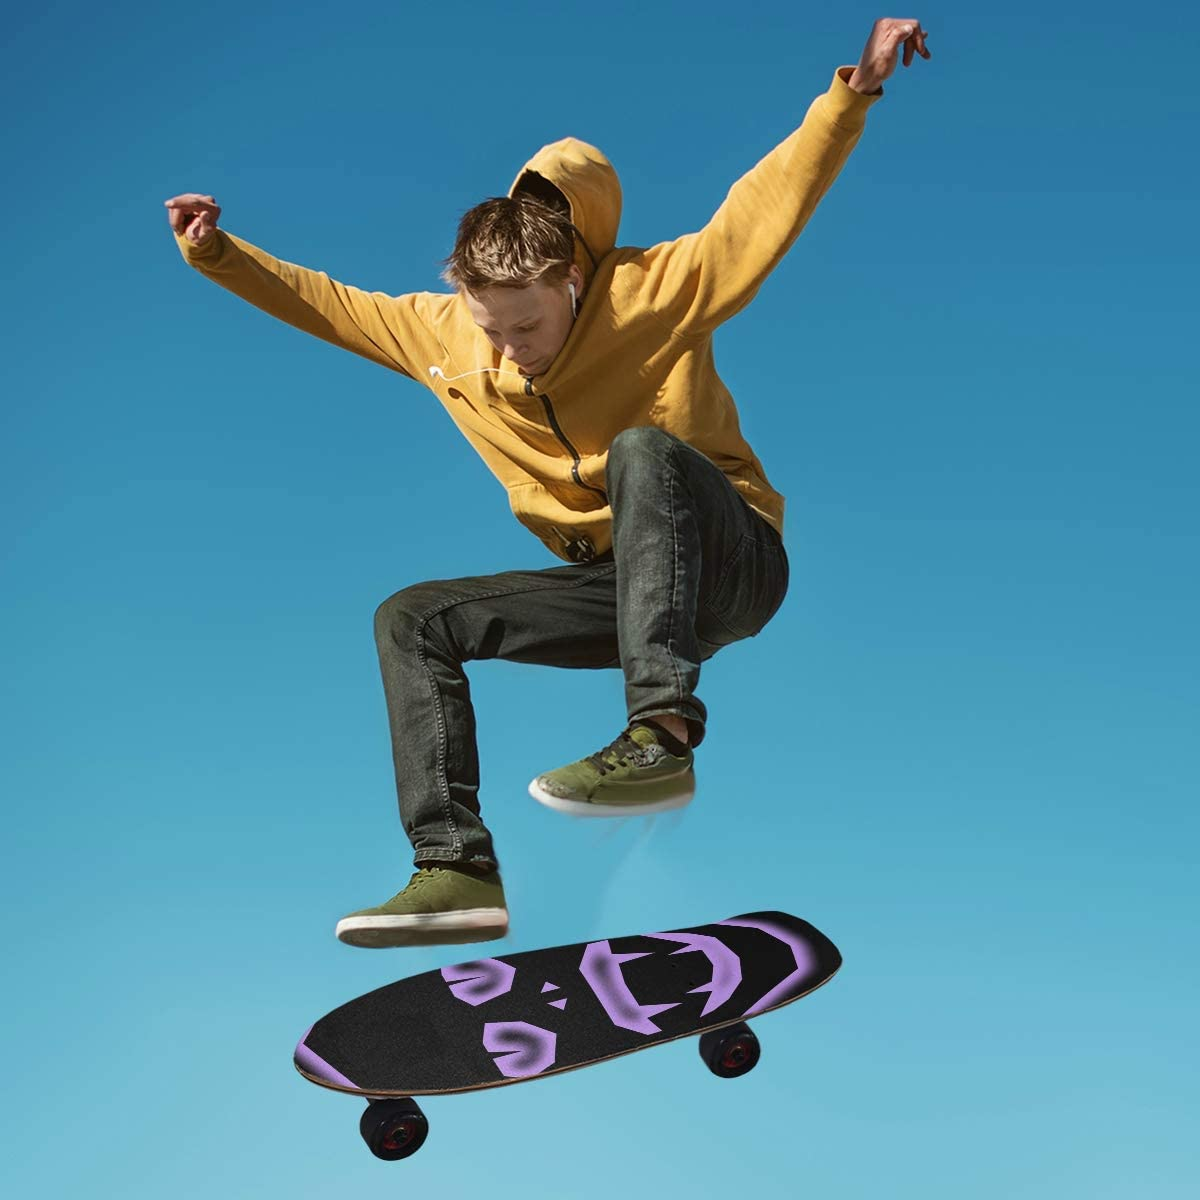 Purple Evil Face Anti Slip Bubble Free Waterproof Grip Tape Sheet Easy to Install for Skateboard,Longboard,Scooter,Rollerboard,Balance Board